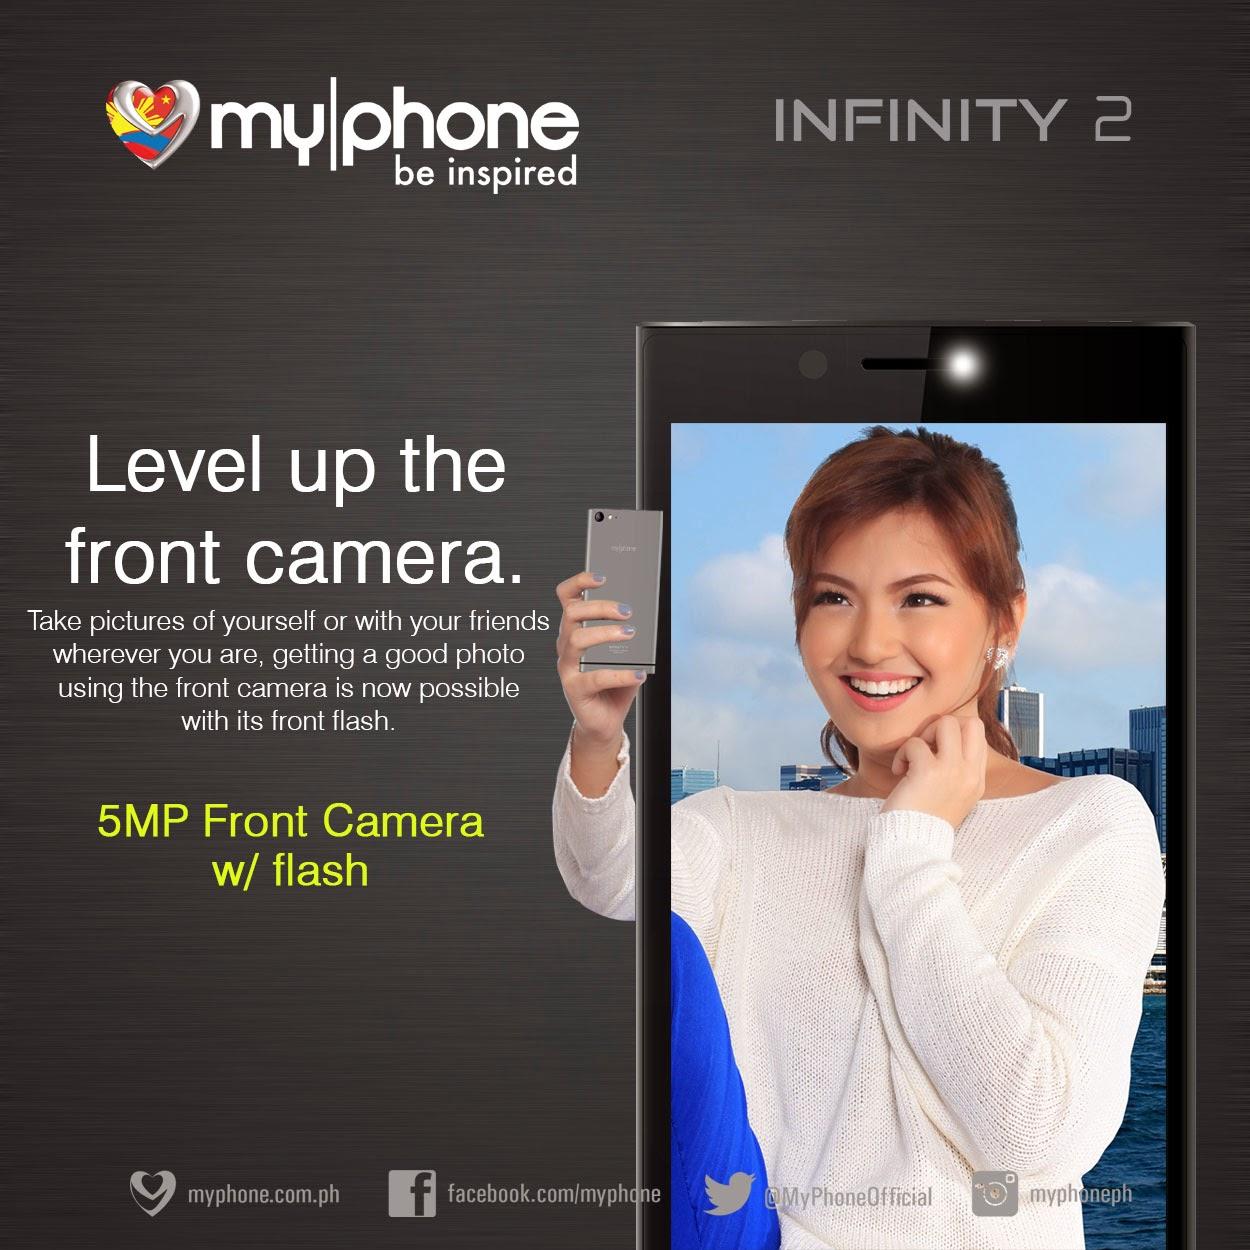 MyPhone Infinity 2, MyPhone, MyPhone Android Smartphone